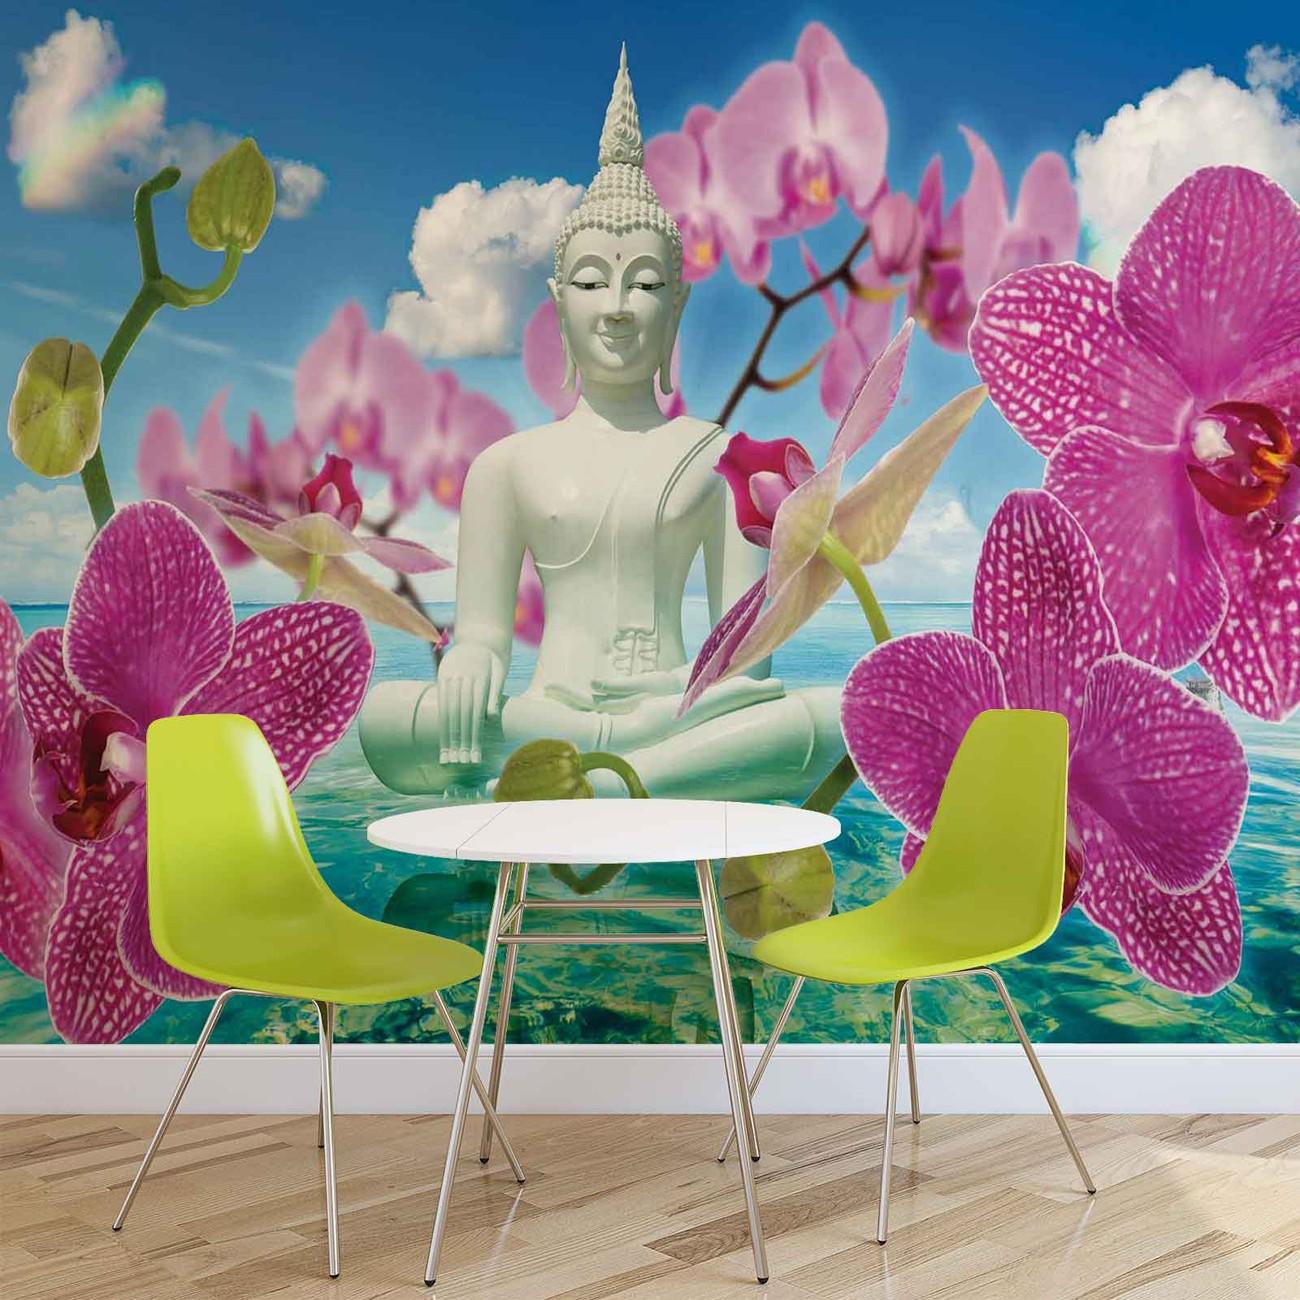 Wall Mural Photo Wallpaper Xxl Flowers Orchids Texture: Zen Flowers Orchids Buddha Water Sky Wall Paper Mural